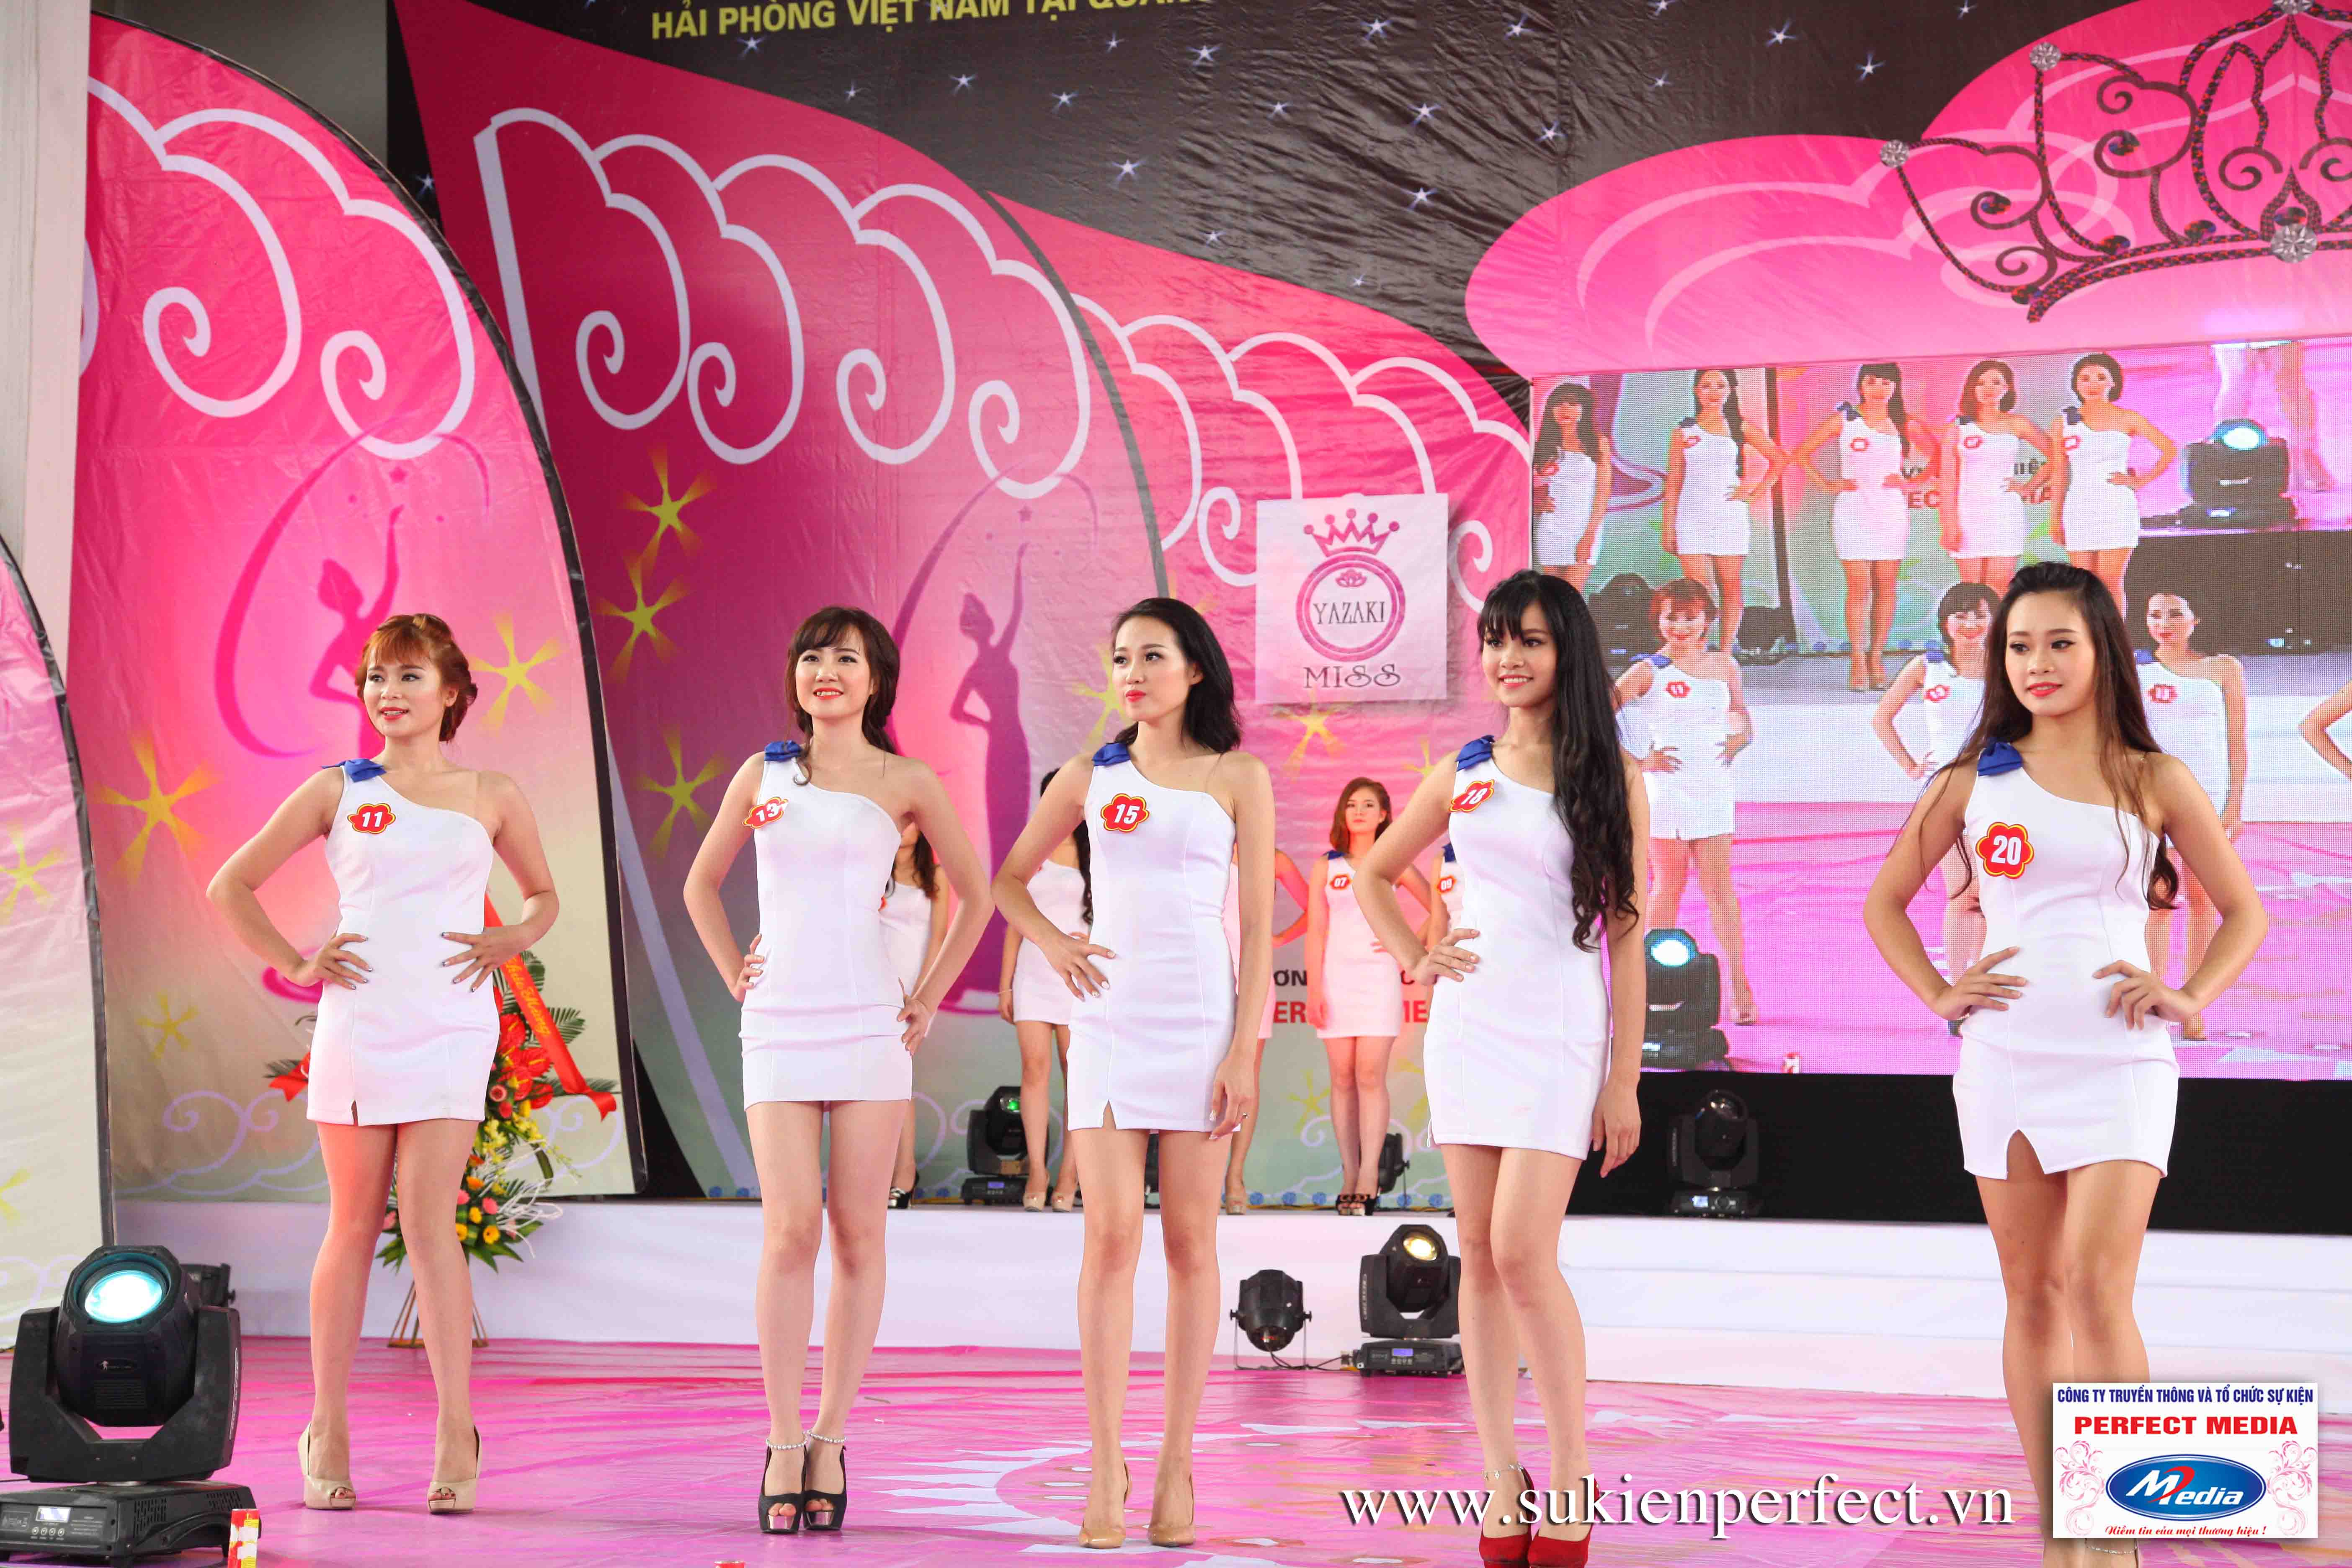 Hình ảnh các thí sinh trong cuộc thi Người đẹp Yazaki Quảng Ninh 2016 (Hình thể) - 13